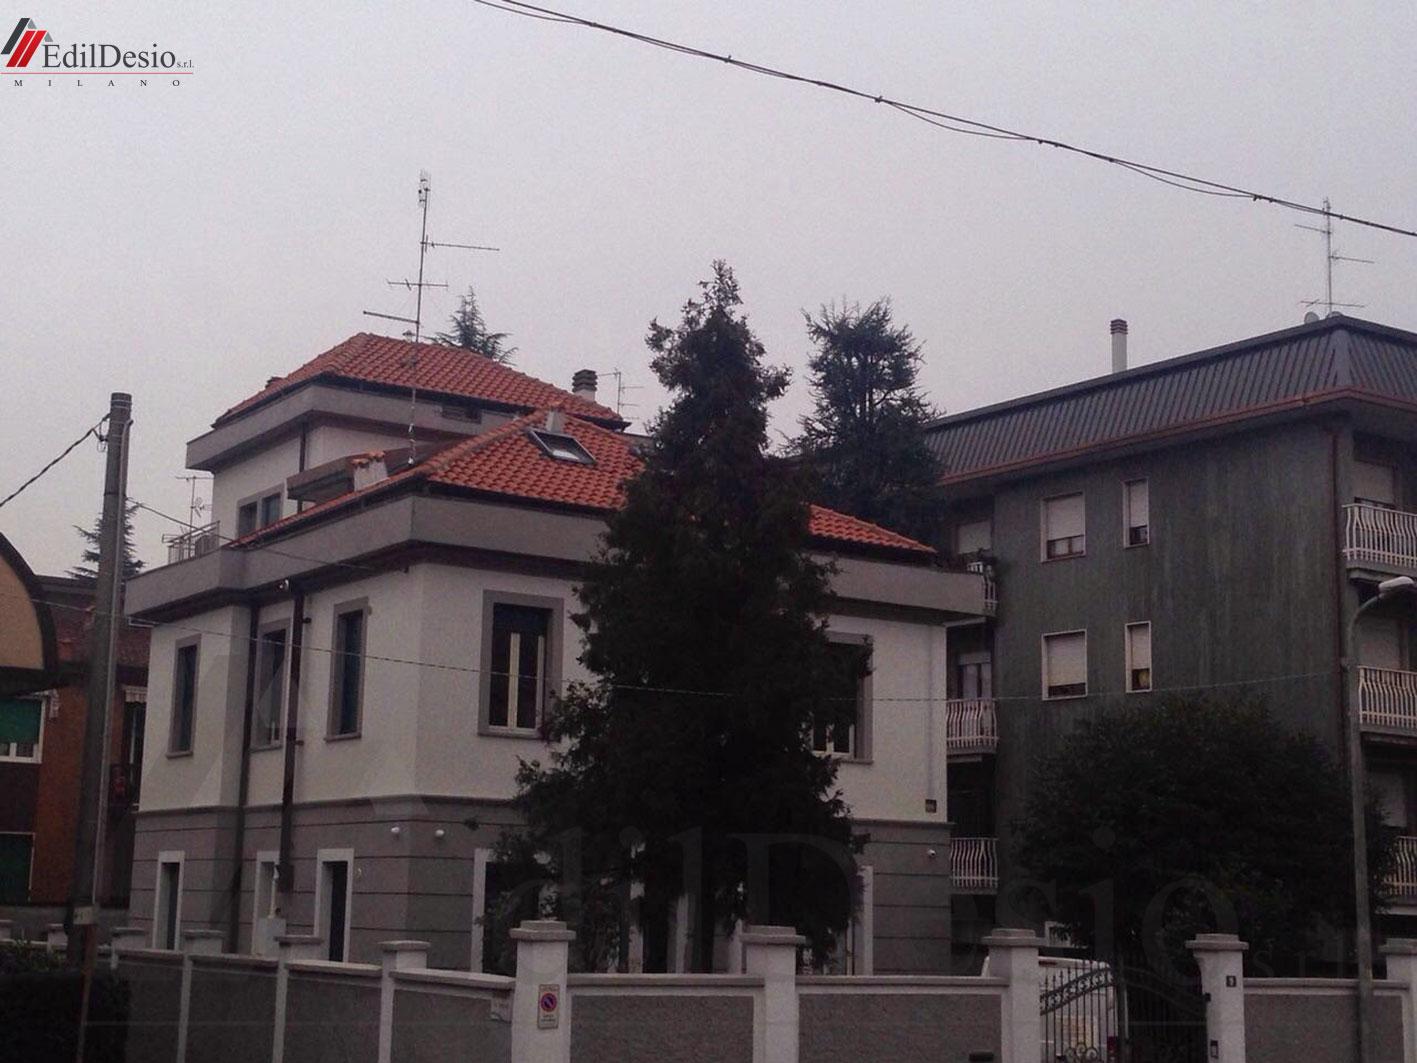 ristrutturazione-facciata-milano